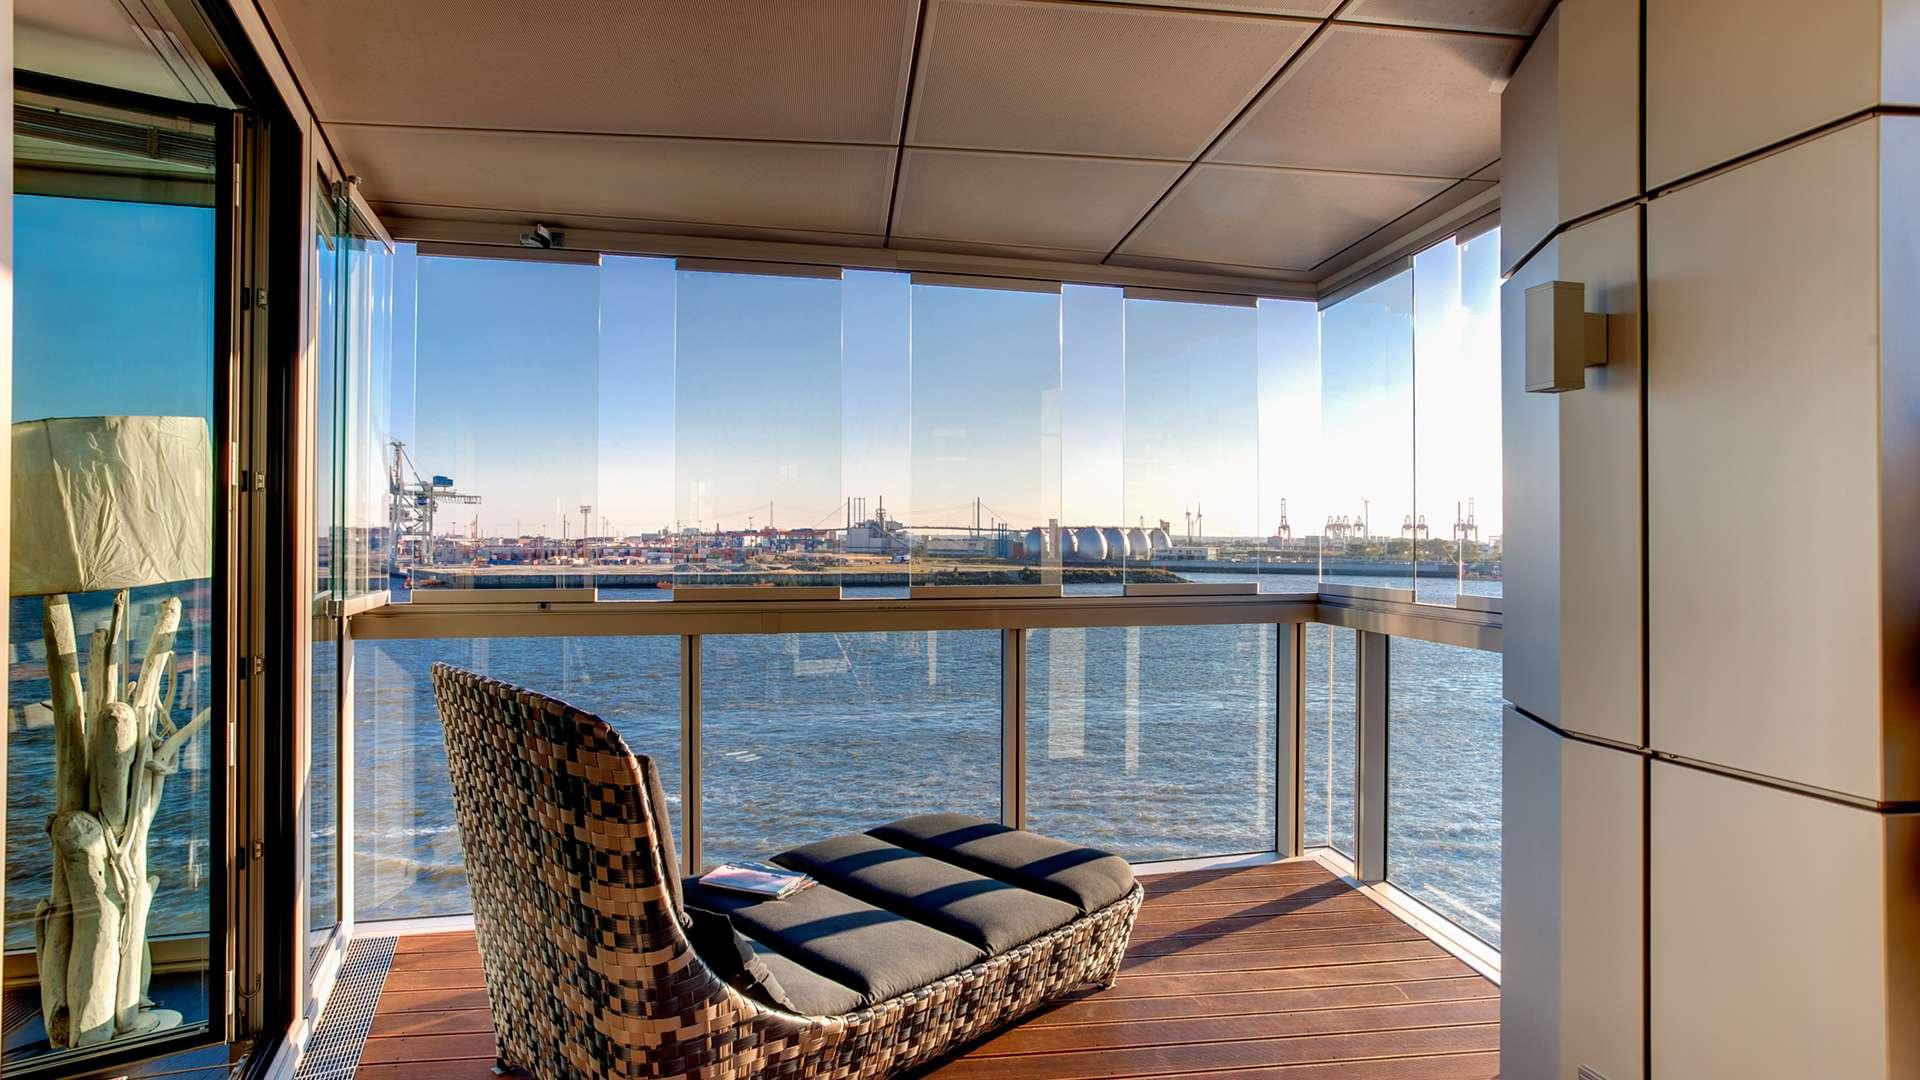 Balkonverglasung mit Blick auf Wasser